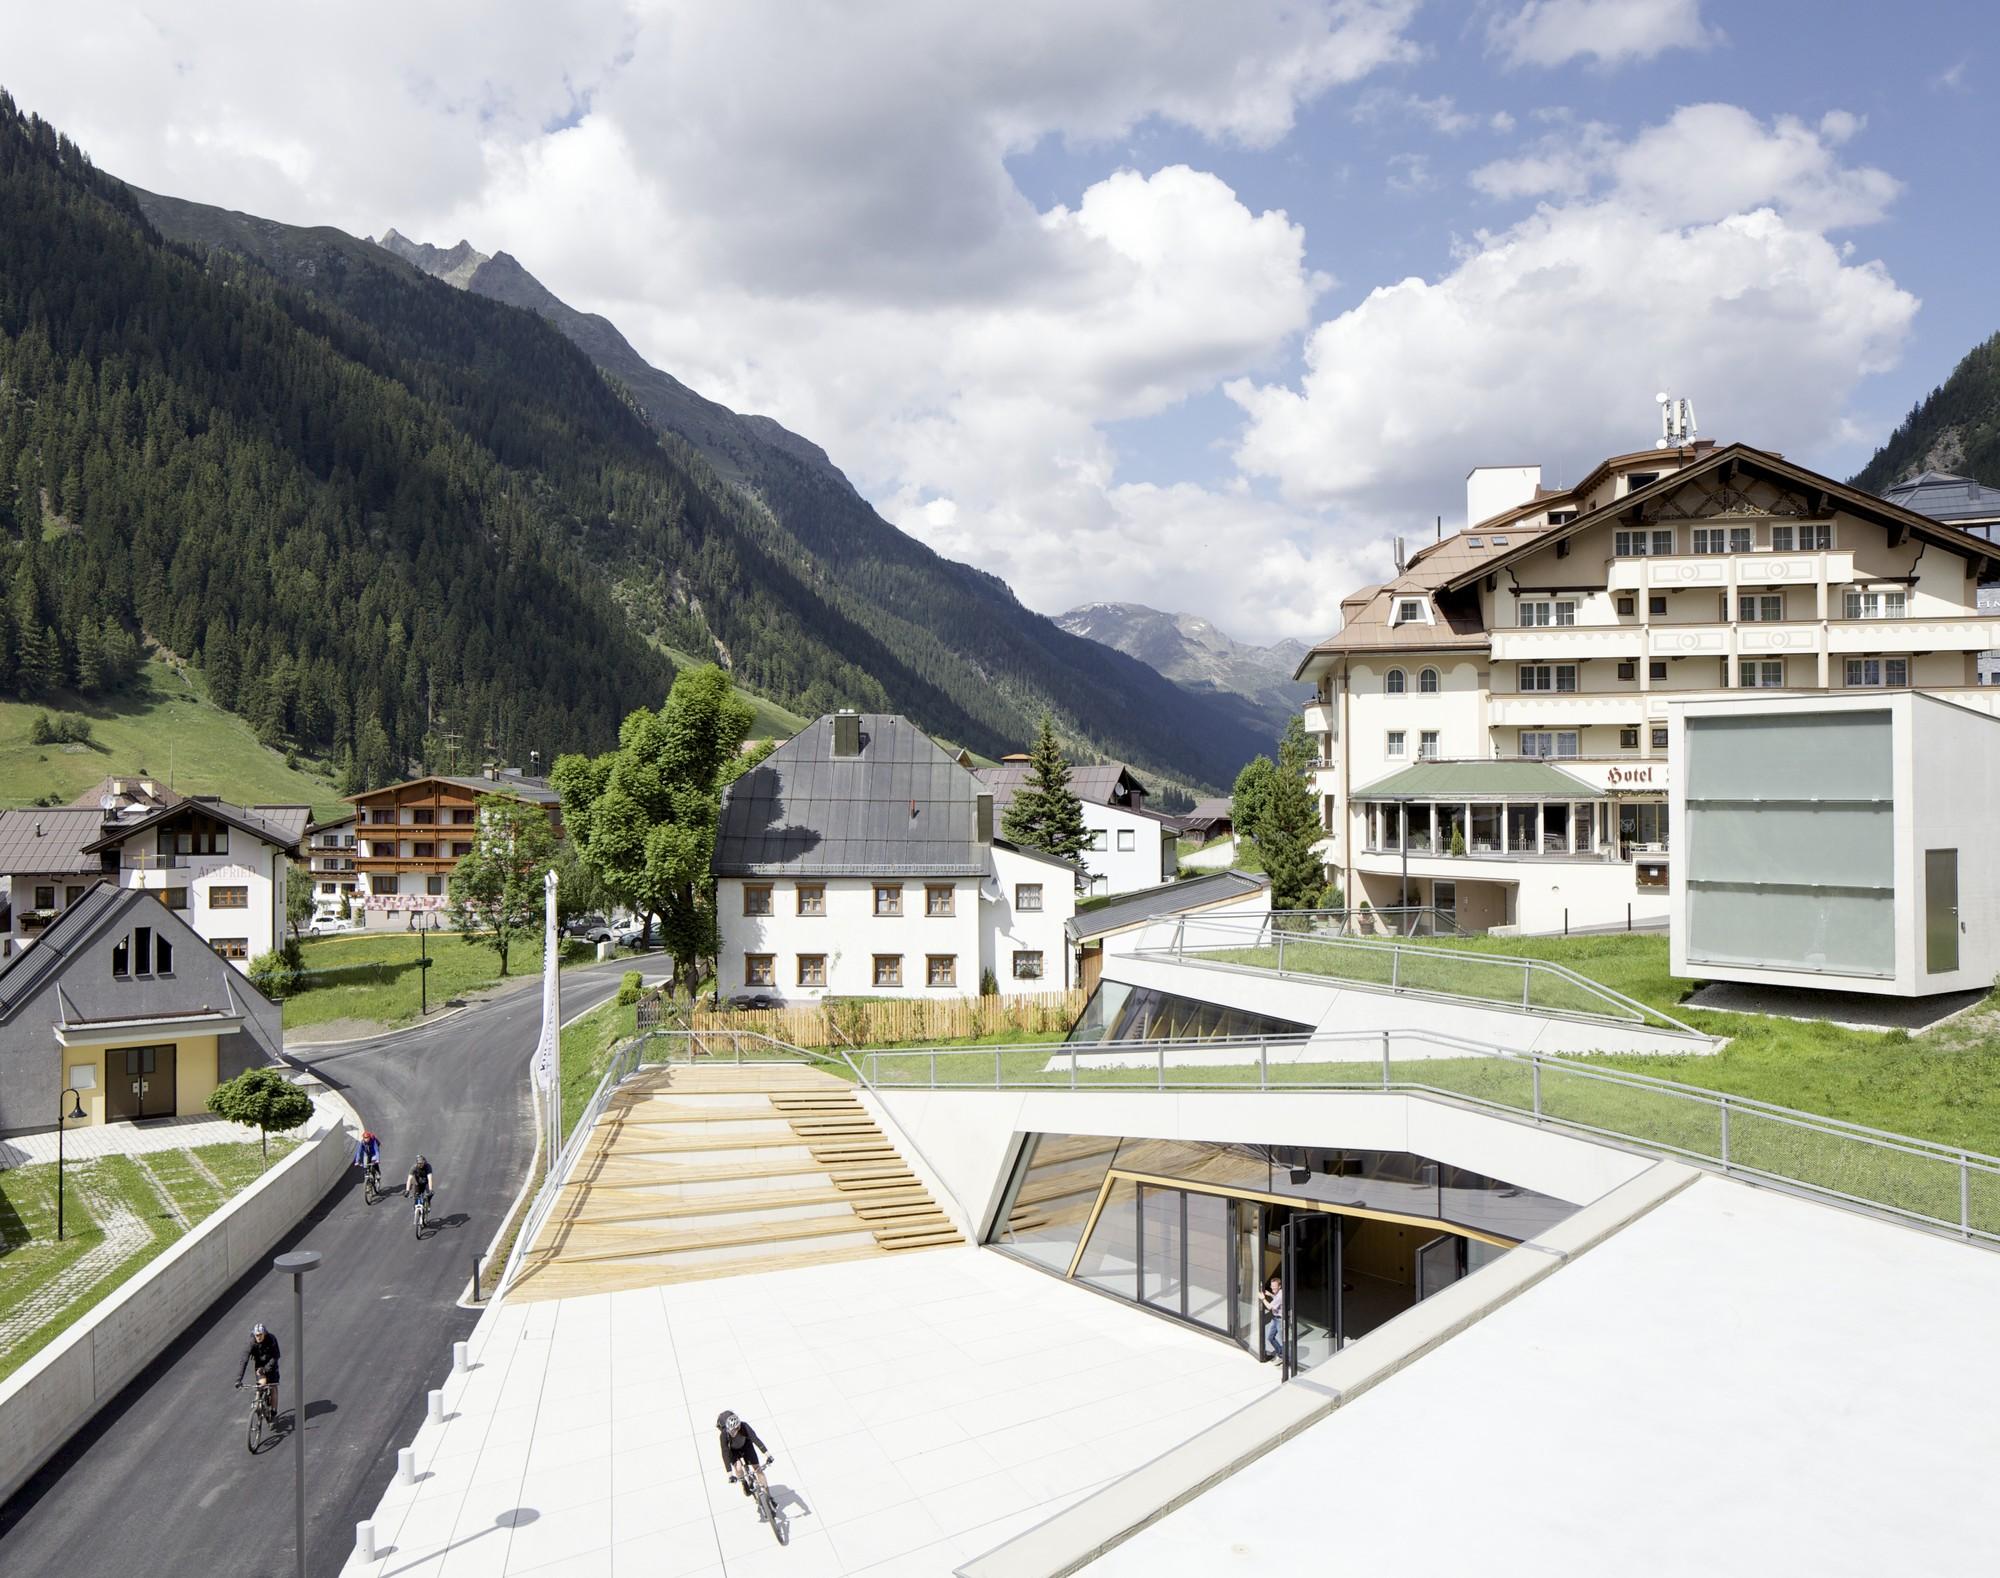 Centro de Cultura de Ischgl / Parc Architekten, © David Schreyer